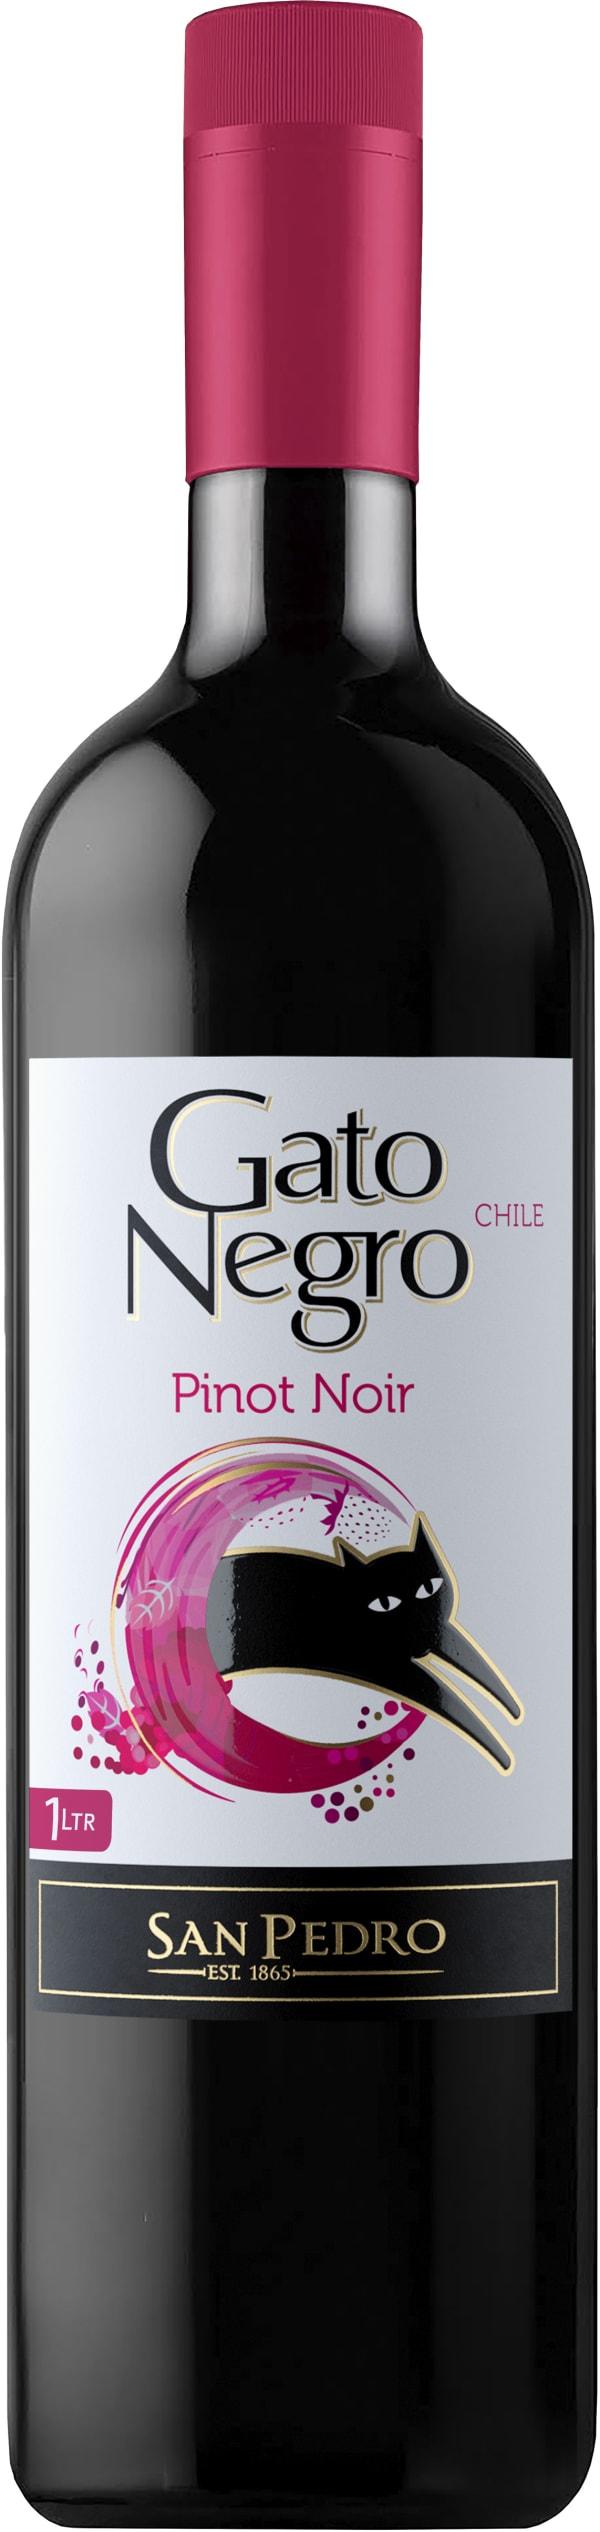 Gato Negro Pinot Noir 2018 plastic bottle